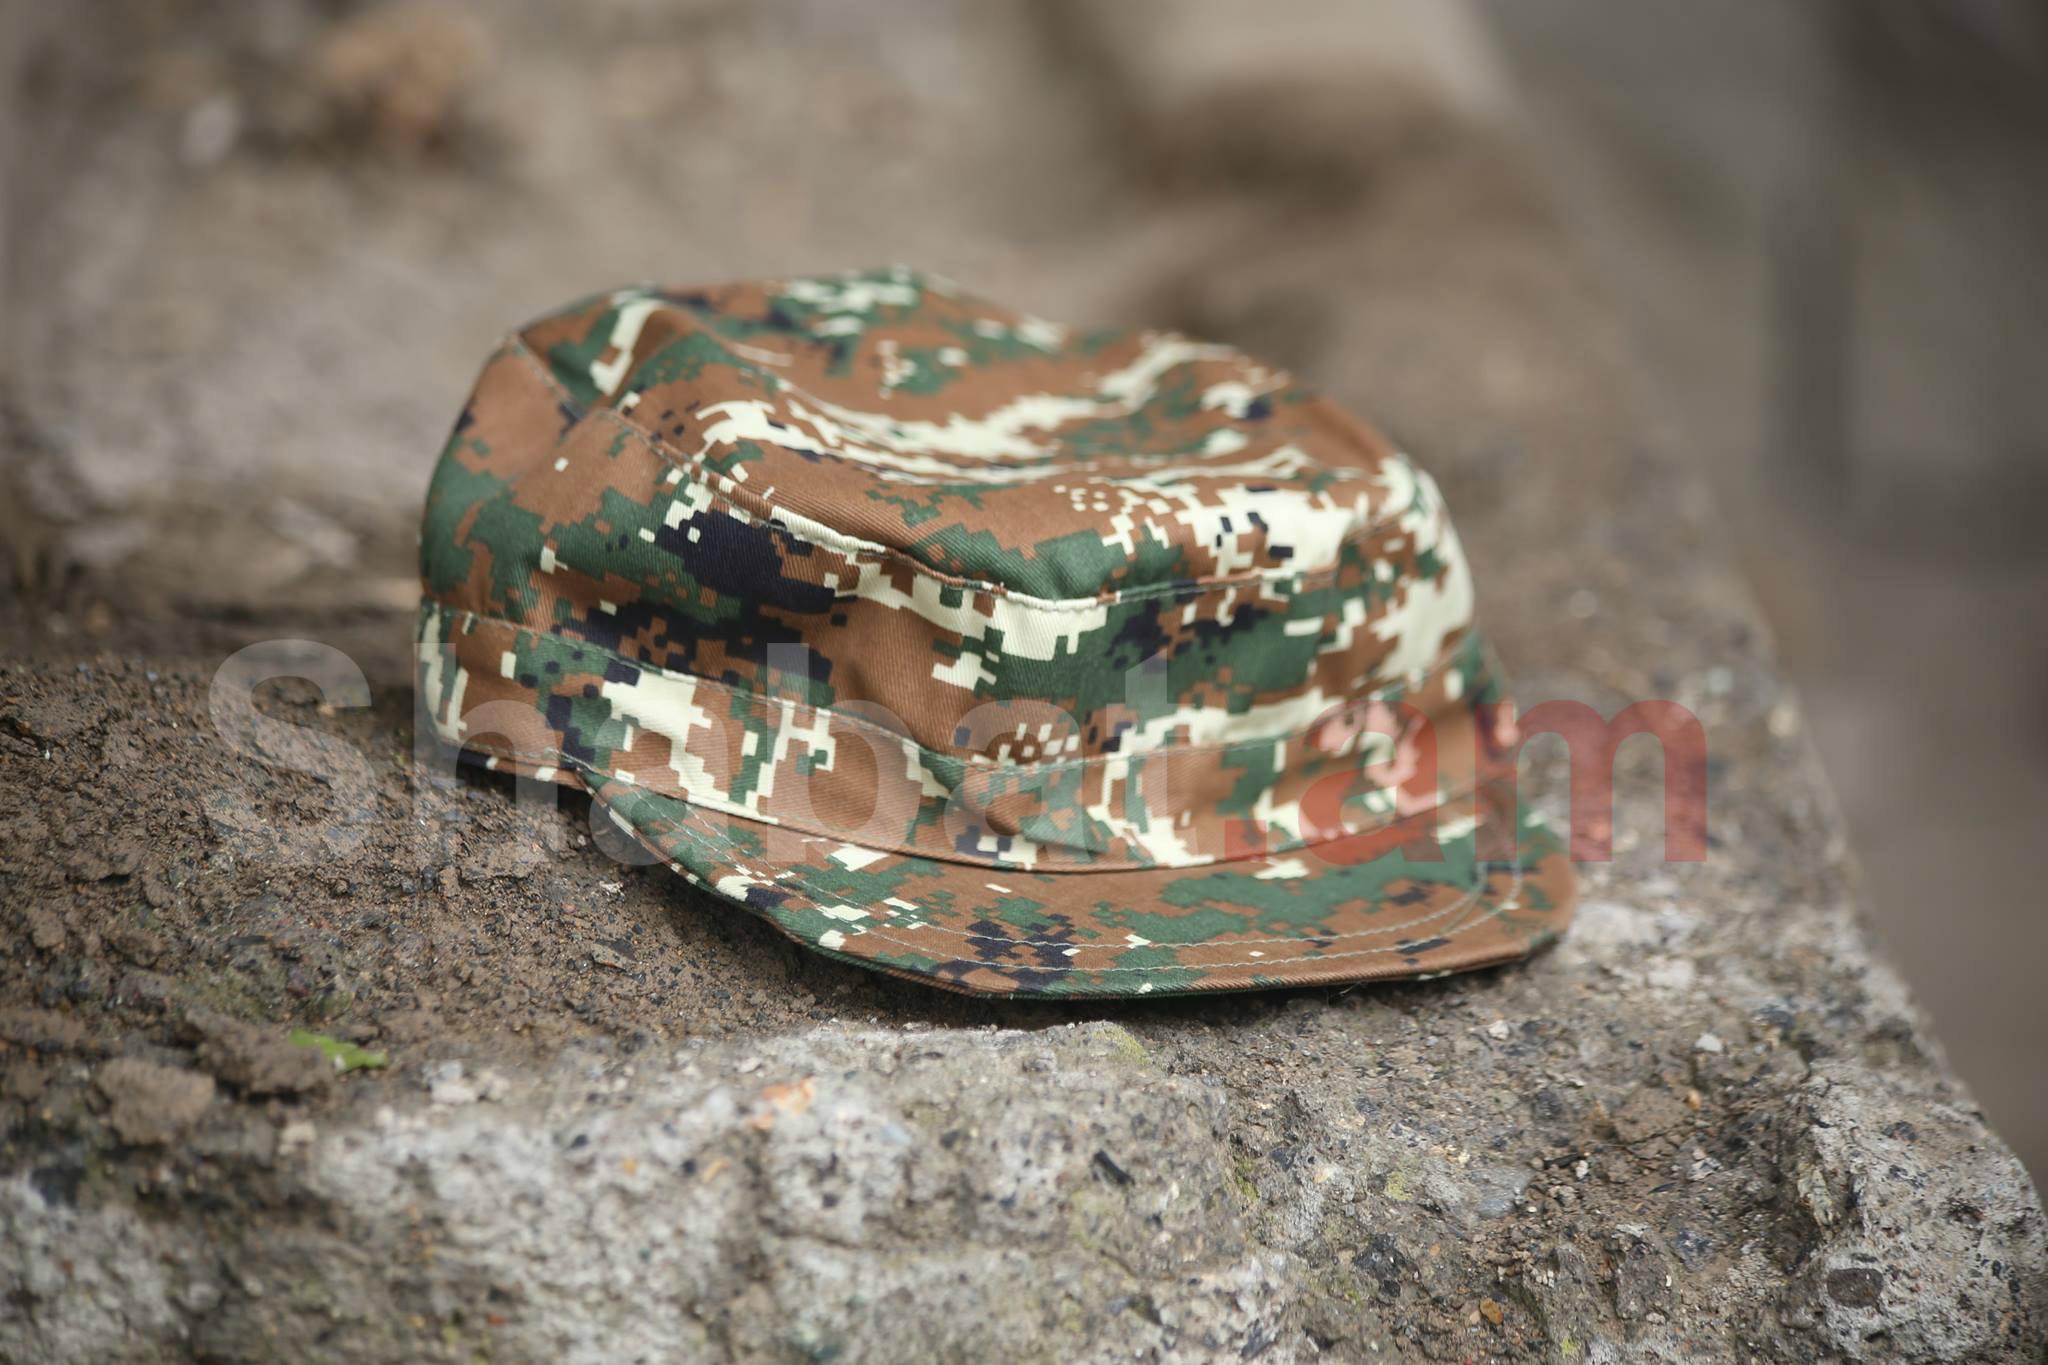 Զինվոր է մահացել